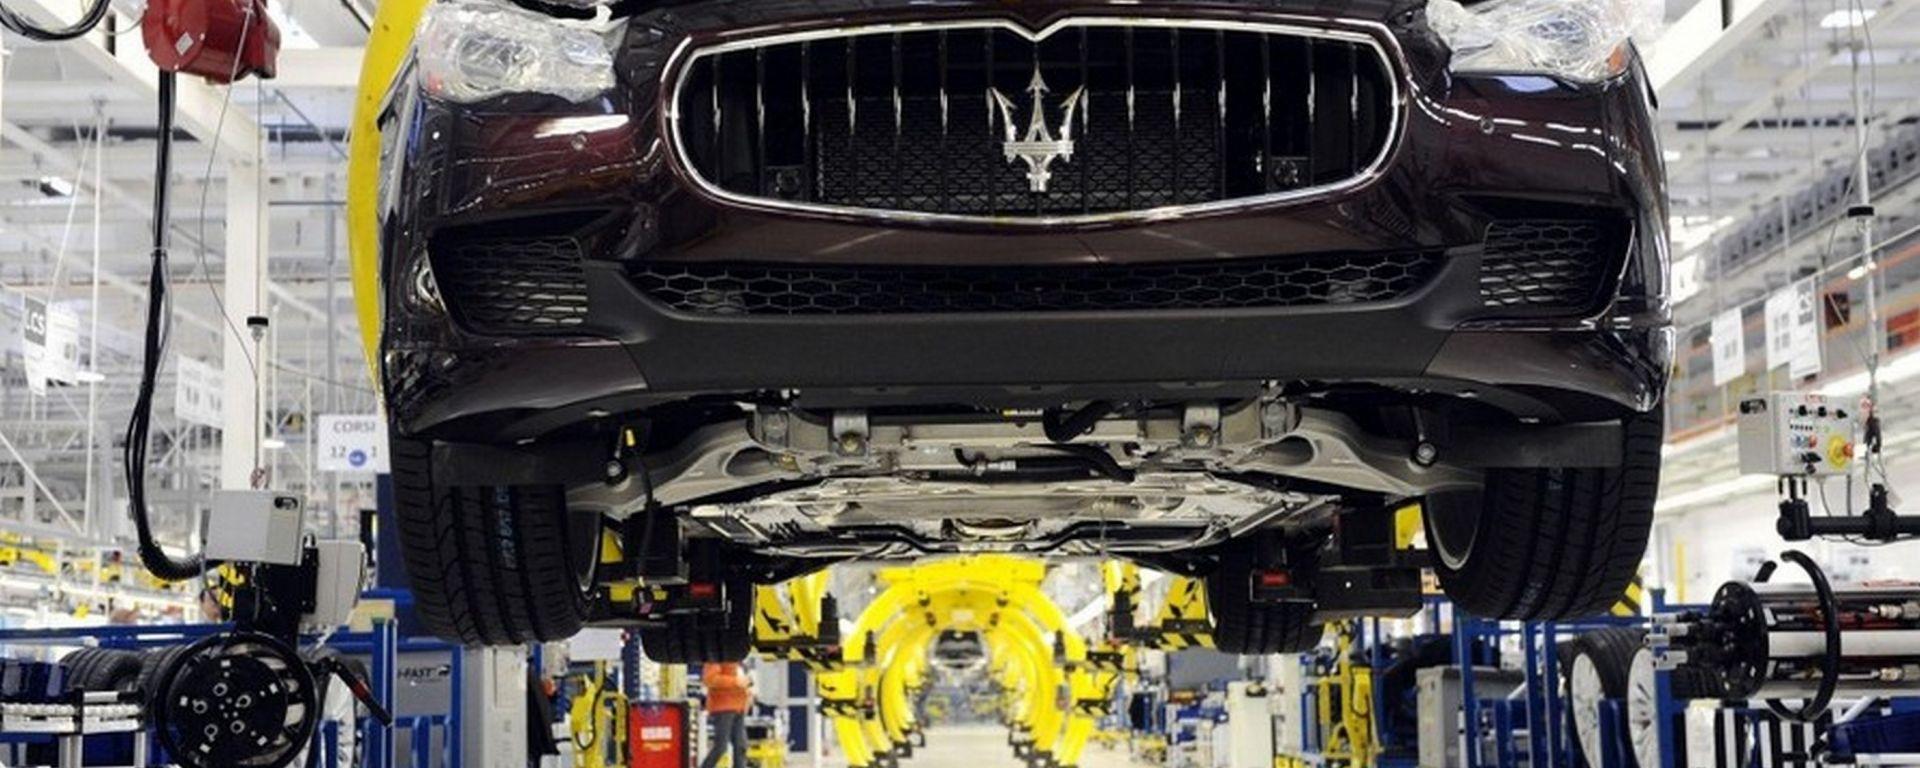 Maserati ferma la produzione a Grugliasco, Mirafiori e Modena